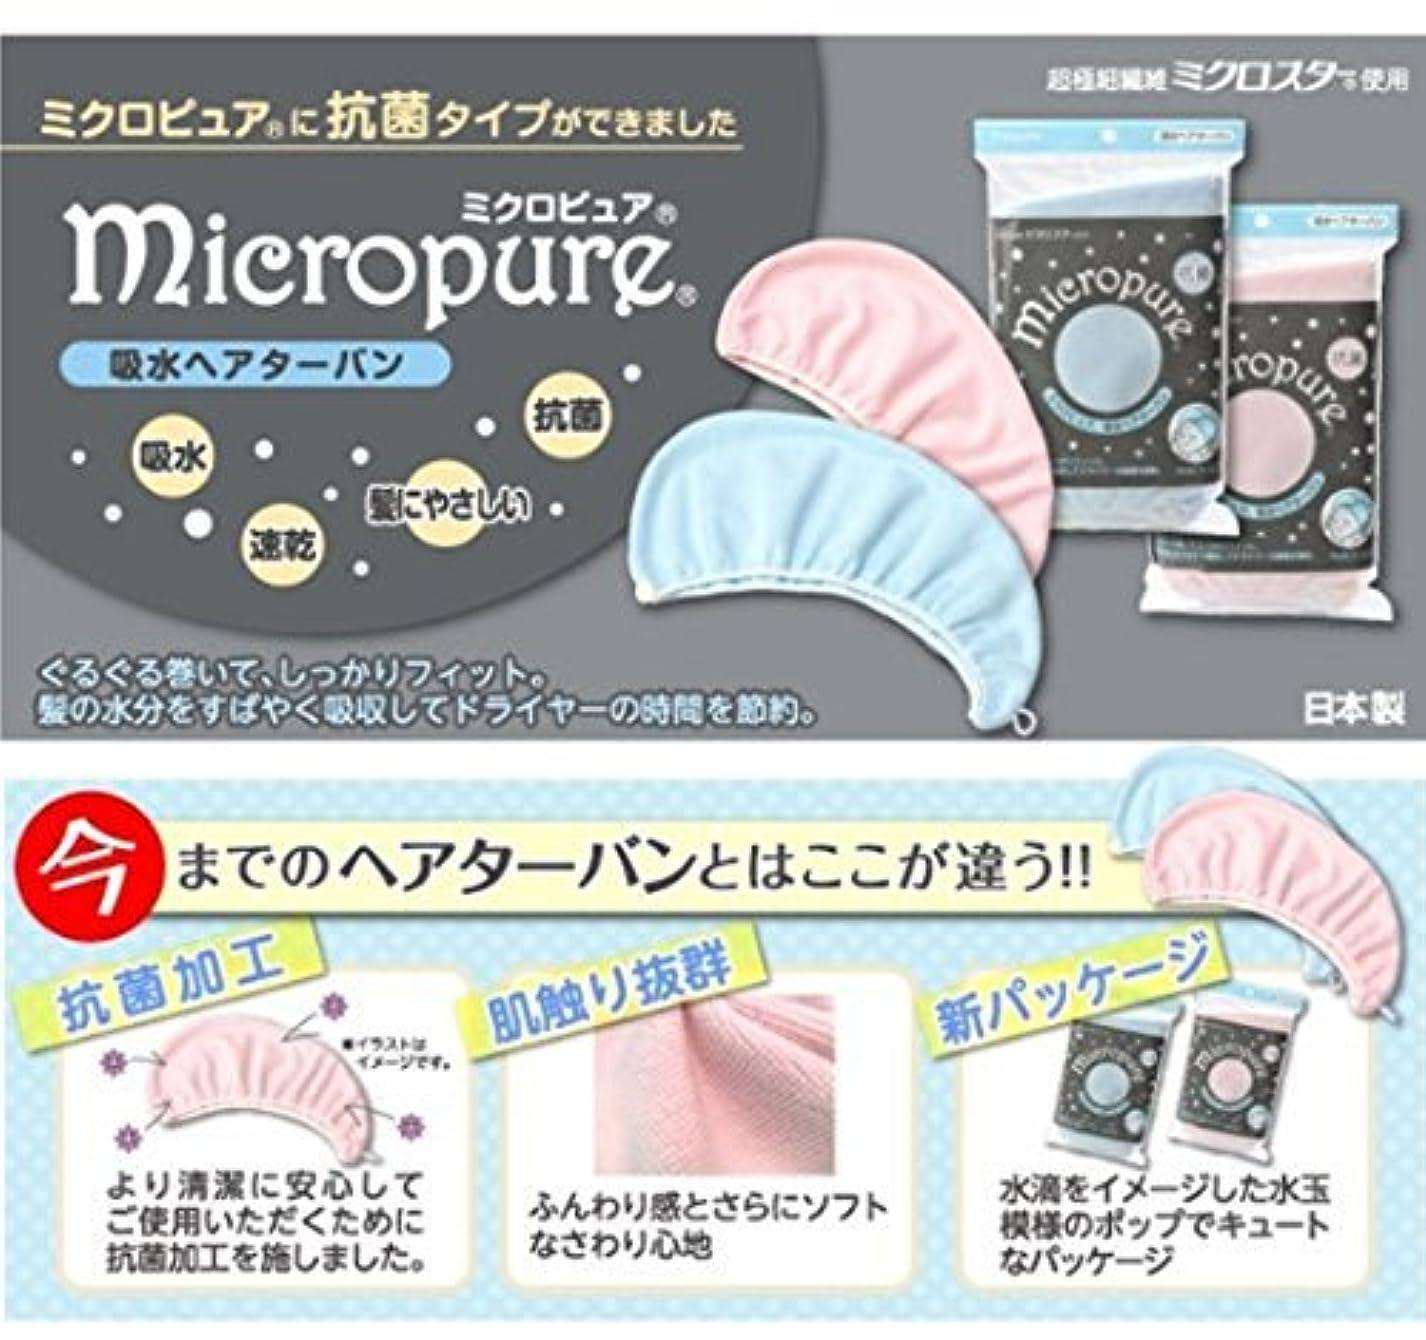 野生レイテイジン 吸水 ヘアターバン ミクロピュア ピンク